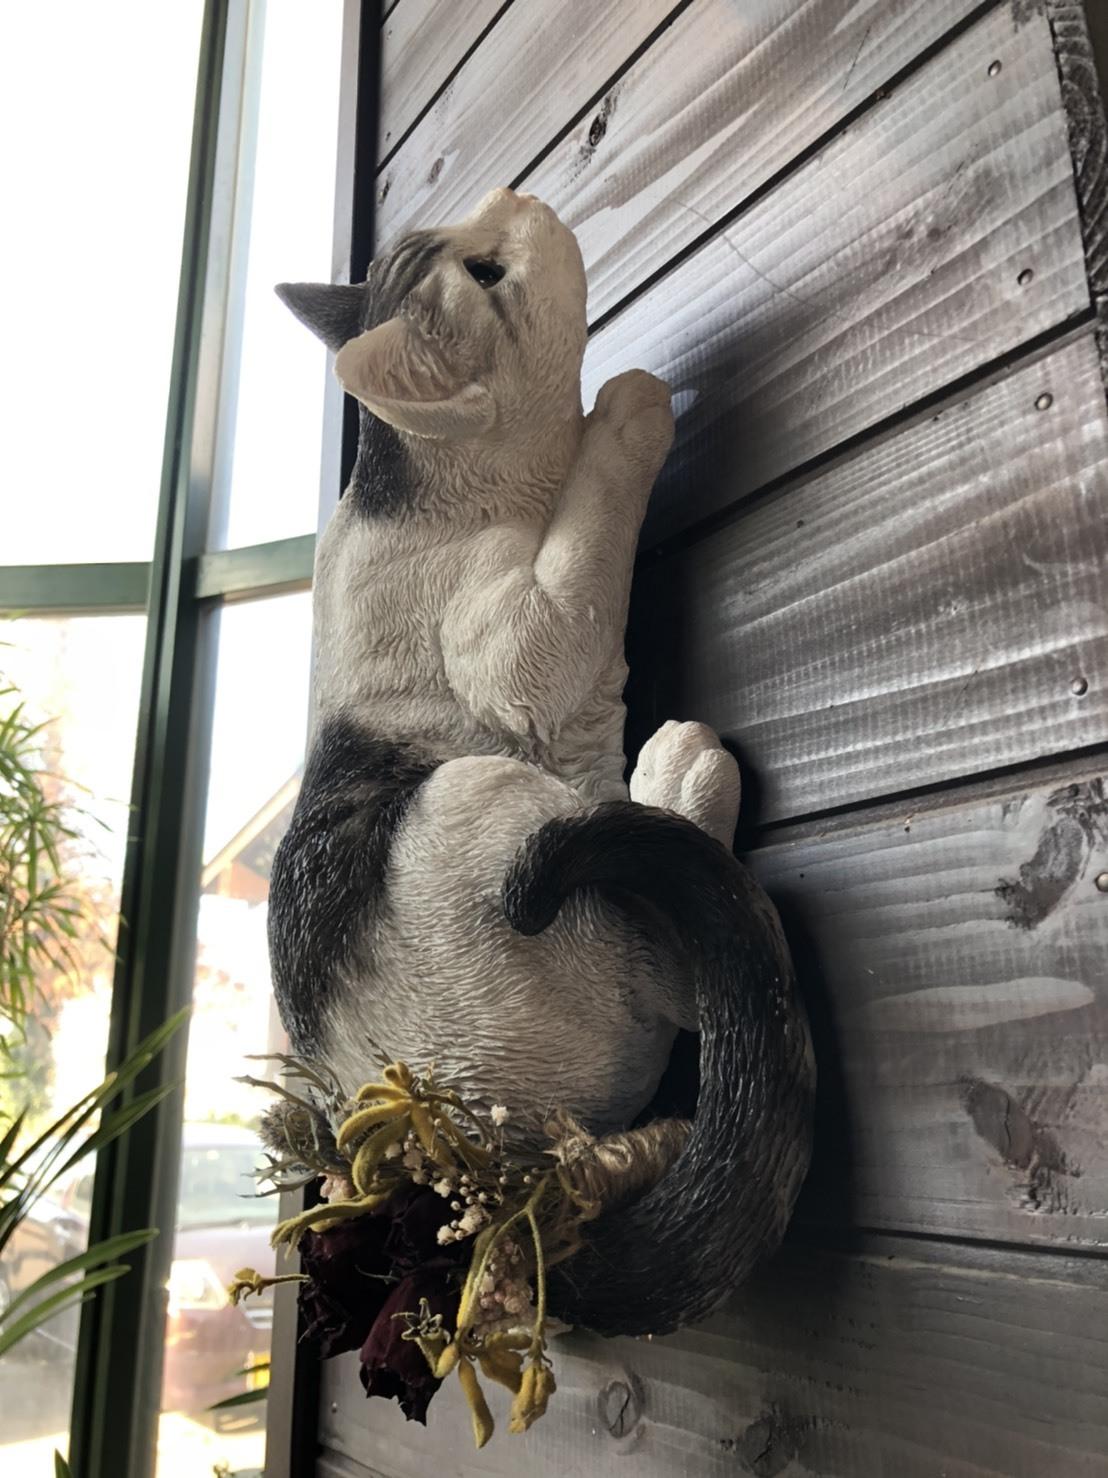 ドライフラワーと猫の置物 - キジシロ